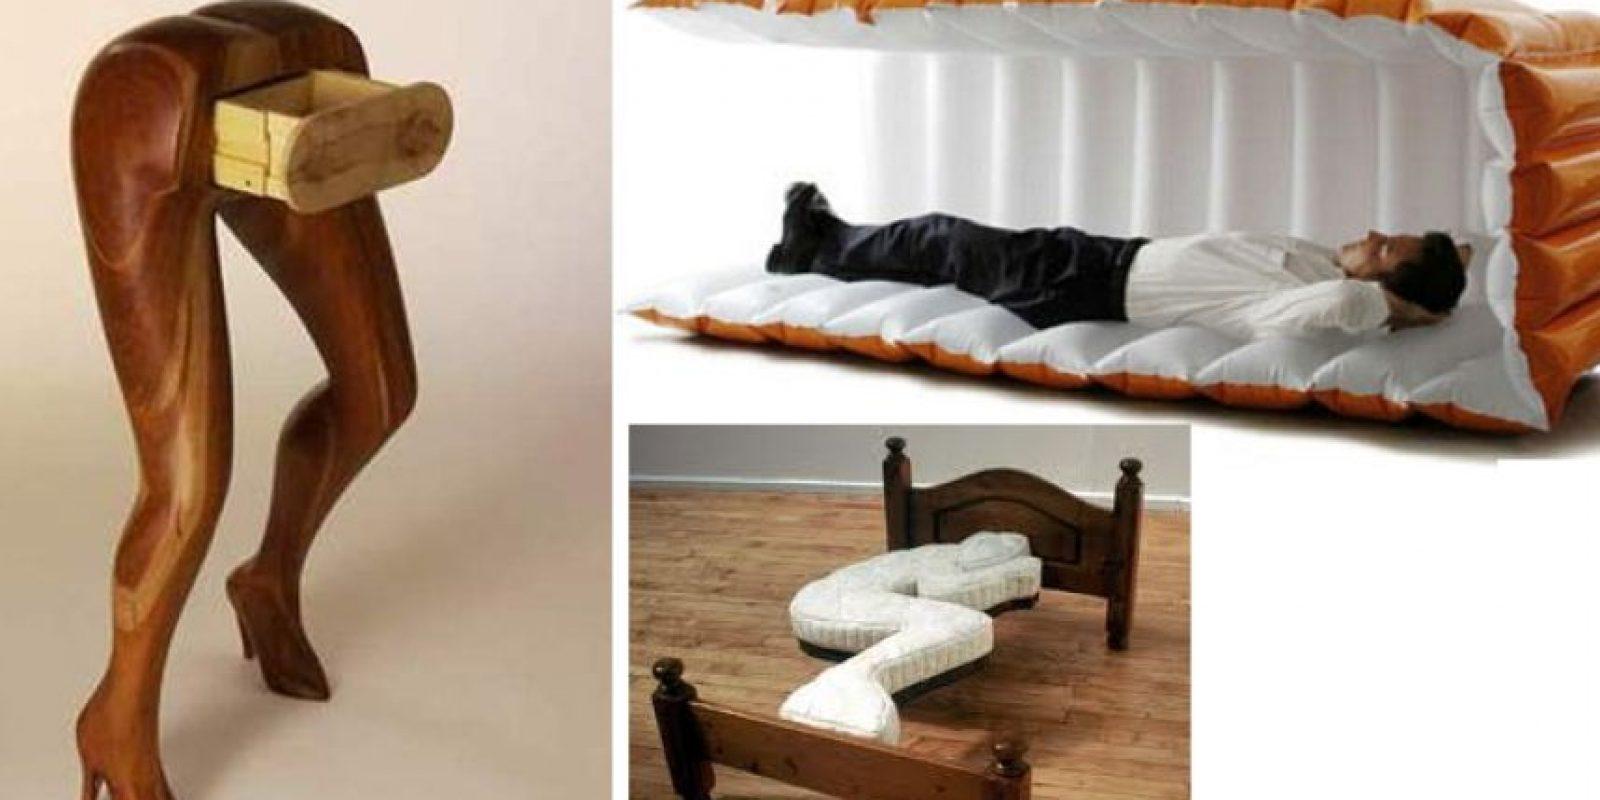 Sillones Raros.Fotos Los Muebles Mas Originales Y Raros Del Mundo